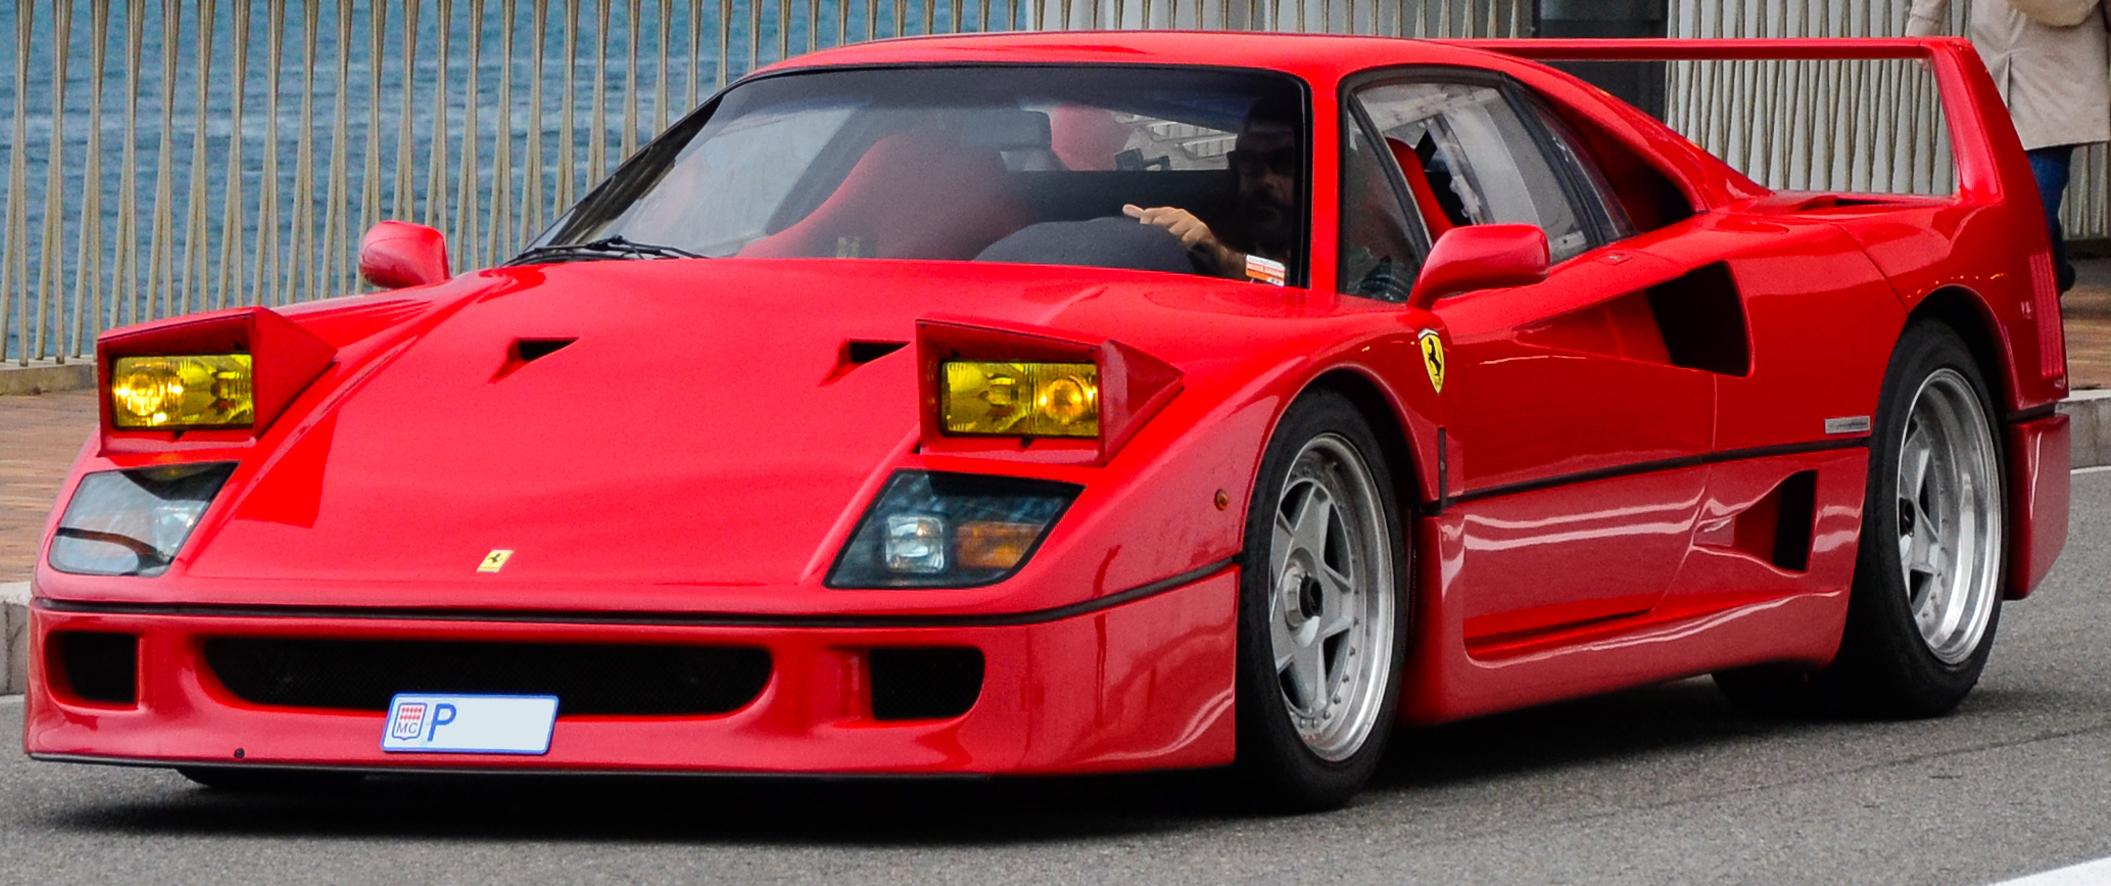 Ferrari F40 Price